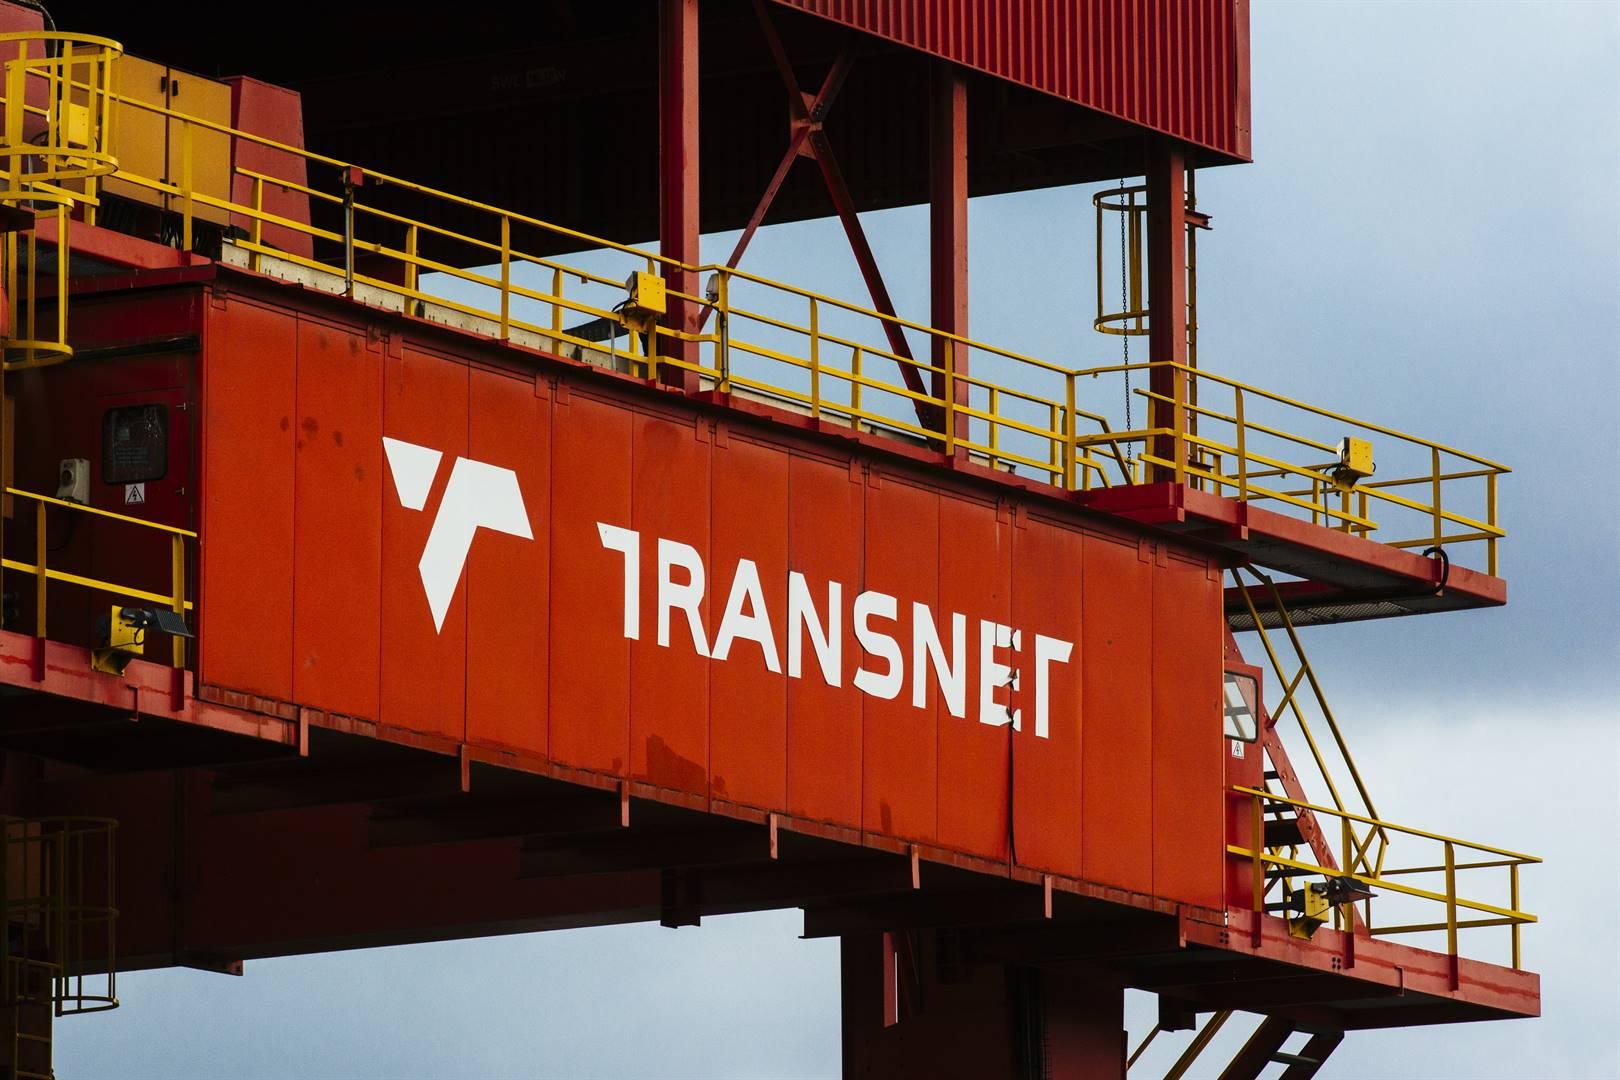 Крупная транспортная компания Transnet объявила о форс-мажорных обстоятельствах из-за кибератаки